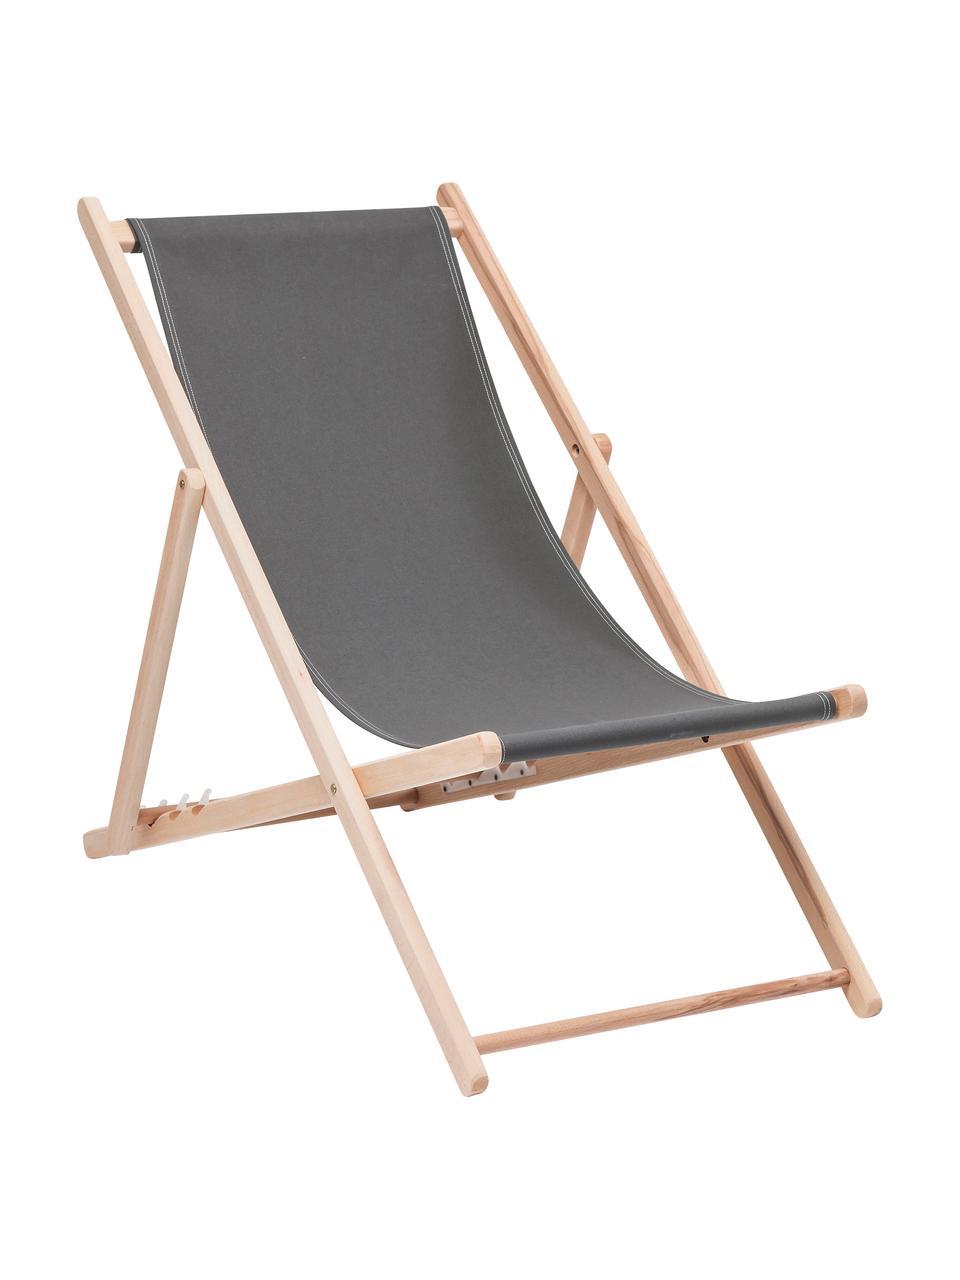 Klappbarer Liegestuhl Hot Summer, Gestell: Buchenholz, Grau, Buchenholz, B 96 x T 56 cm